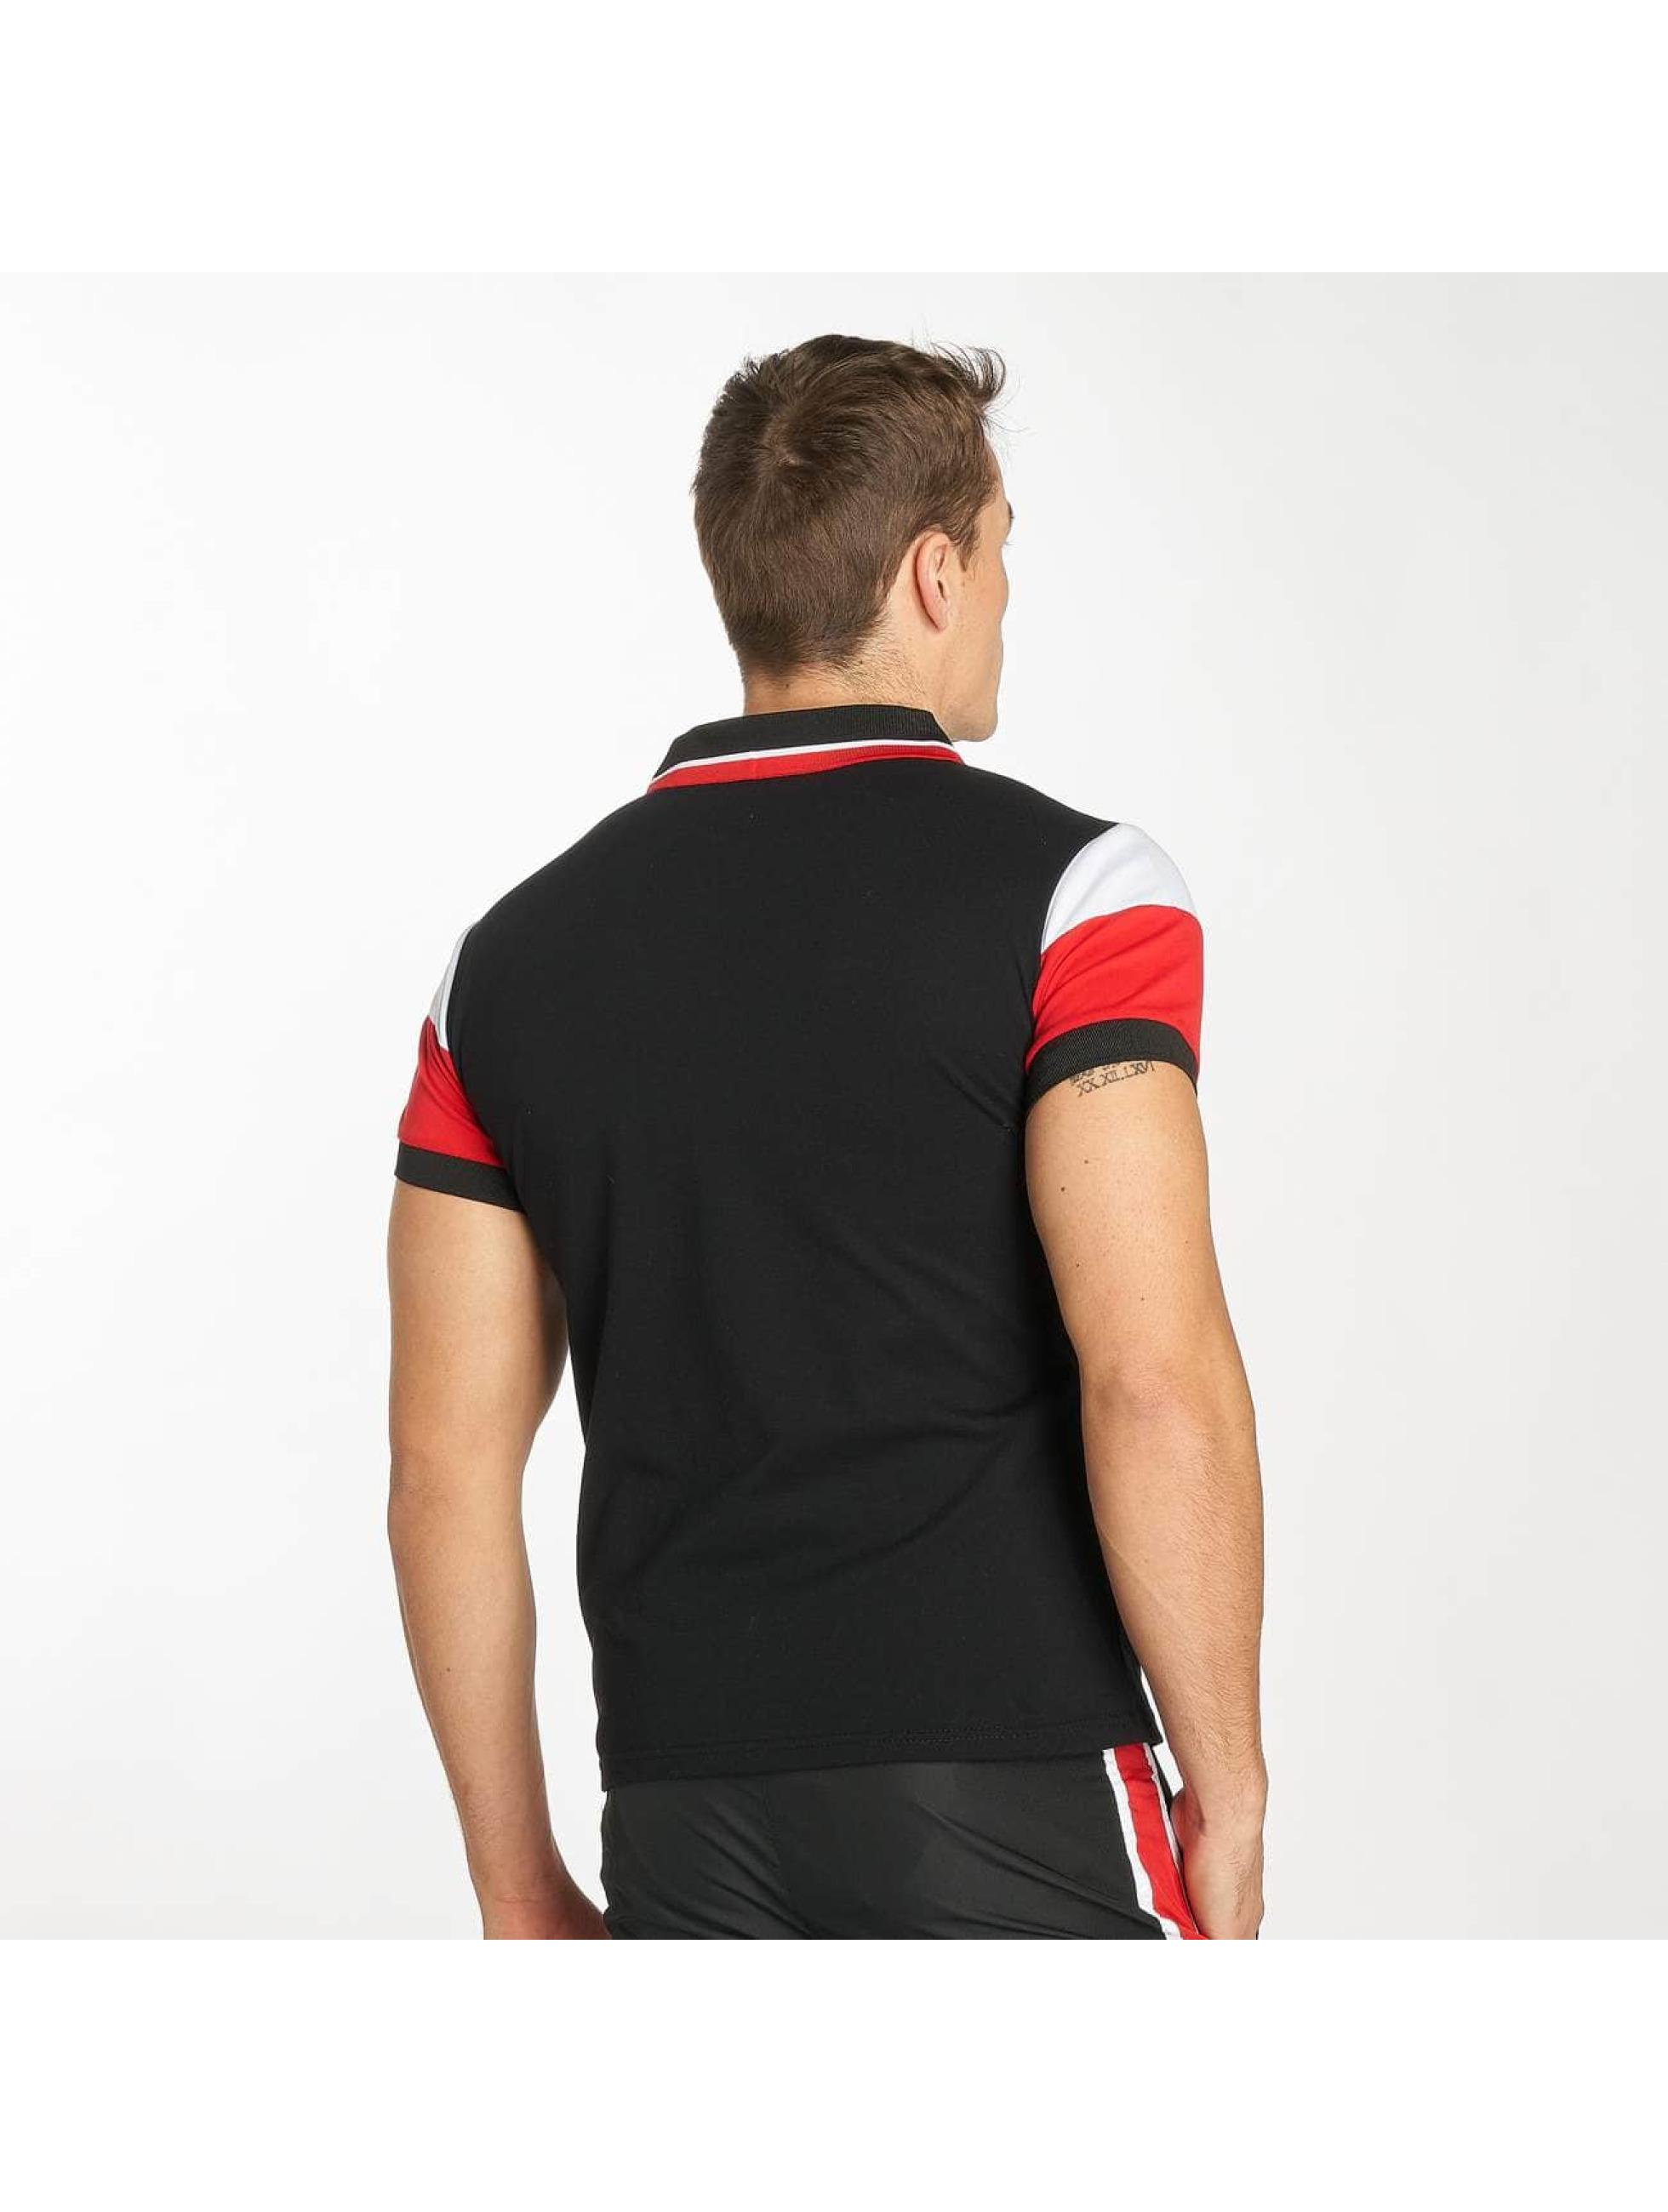 Zayne Paris Poloshirts Stripe sort